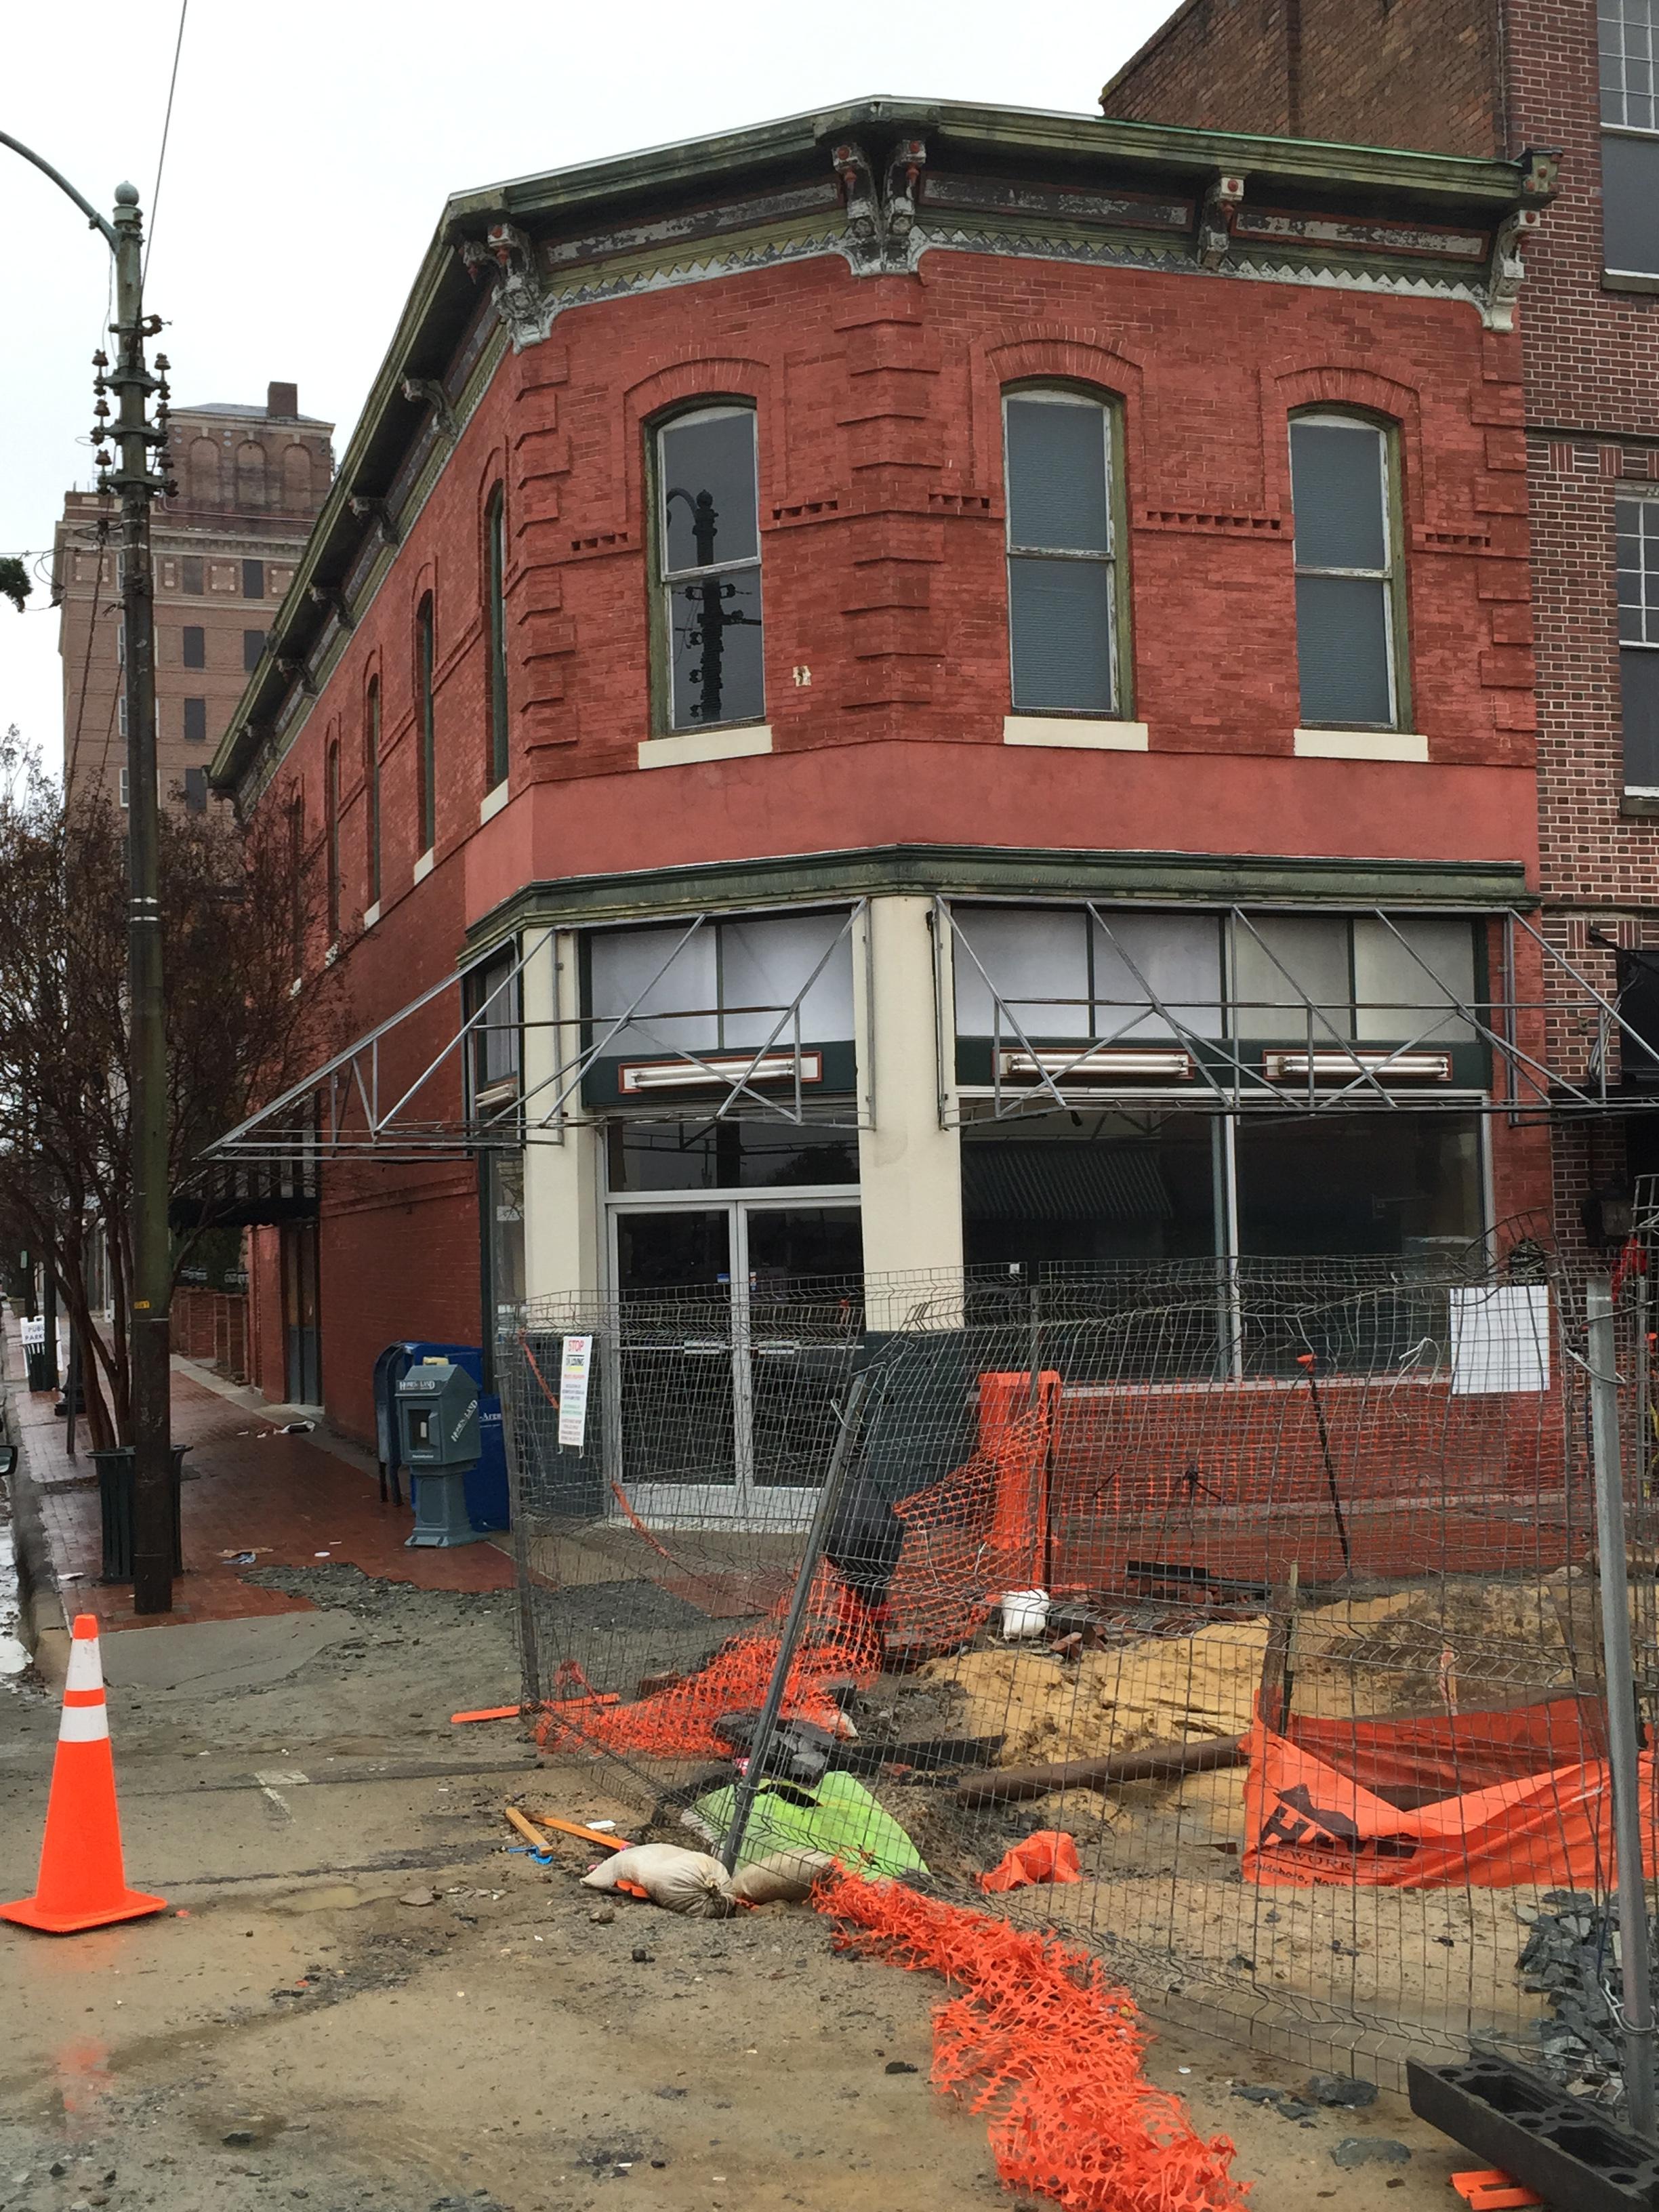 Pre-Renovation, May 2015